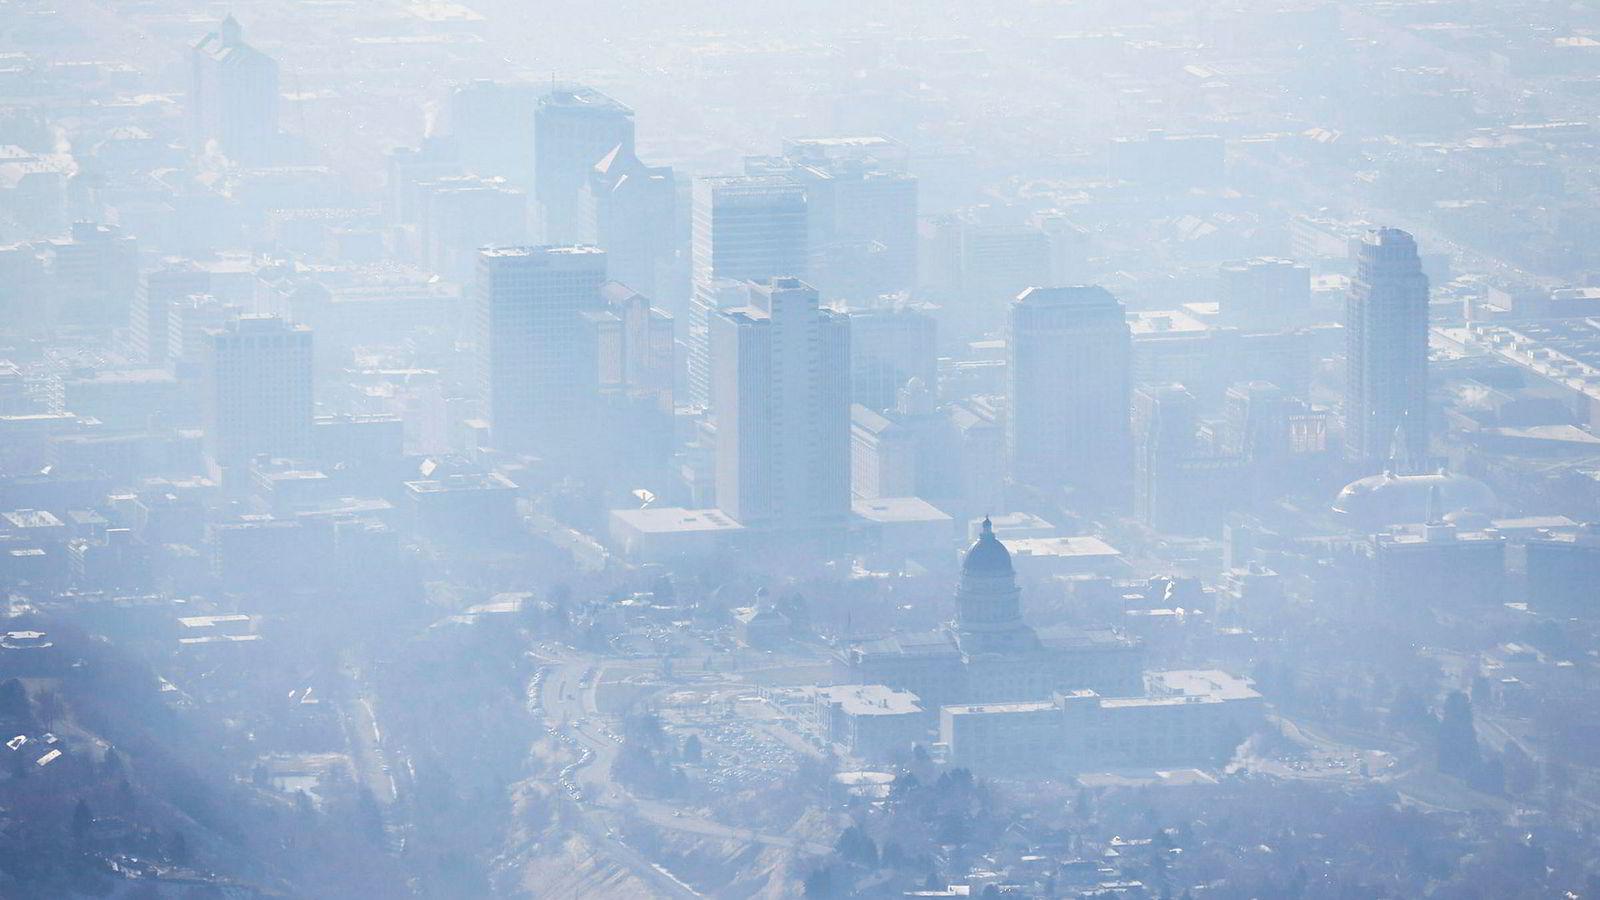 Økningen i nivået av metangass, hovedsakelig fra fossilt brensel har akselerert ytterligere fra 2014 og fram til i dag.